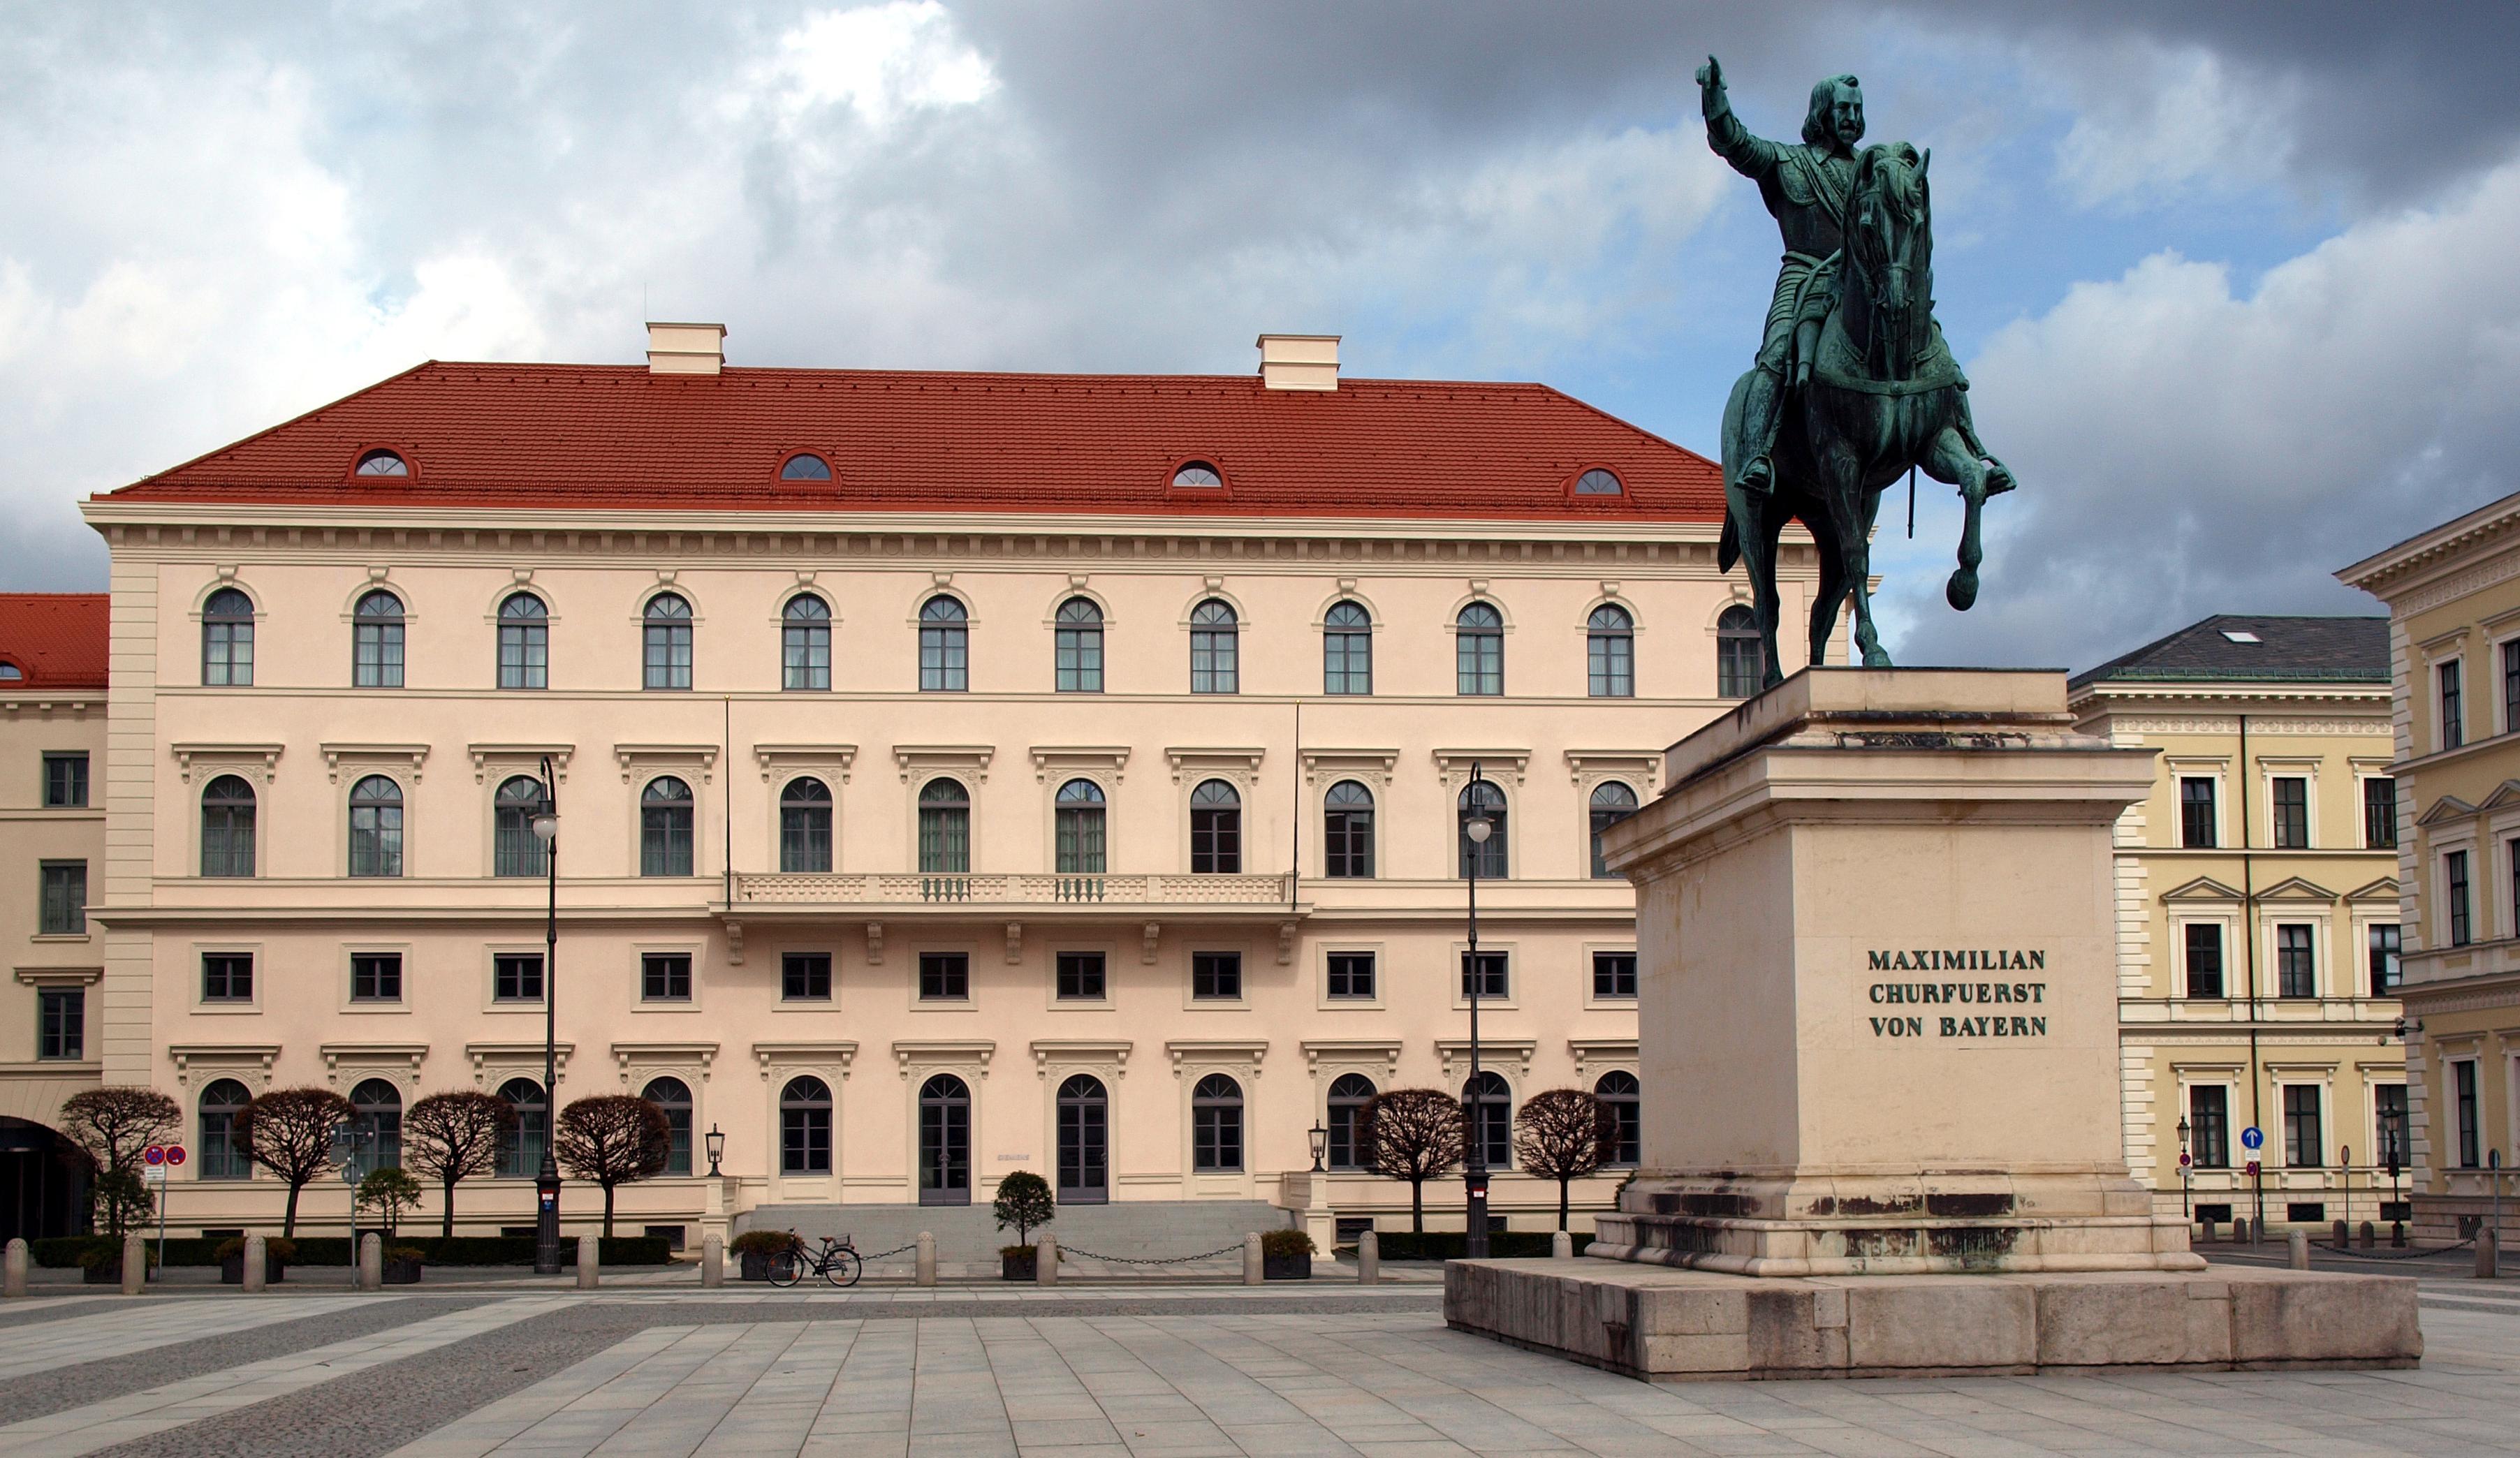 Siemens-Zentrale am Wittelsbacherplatz